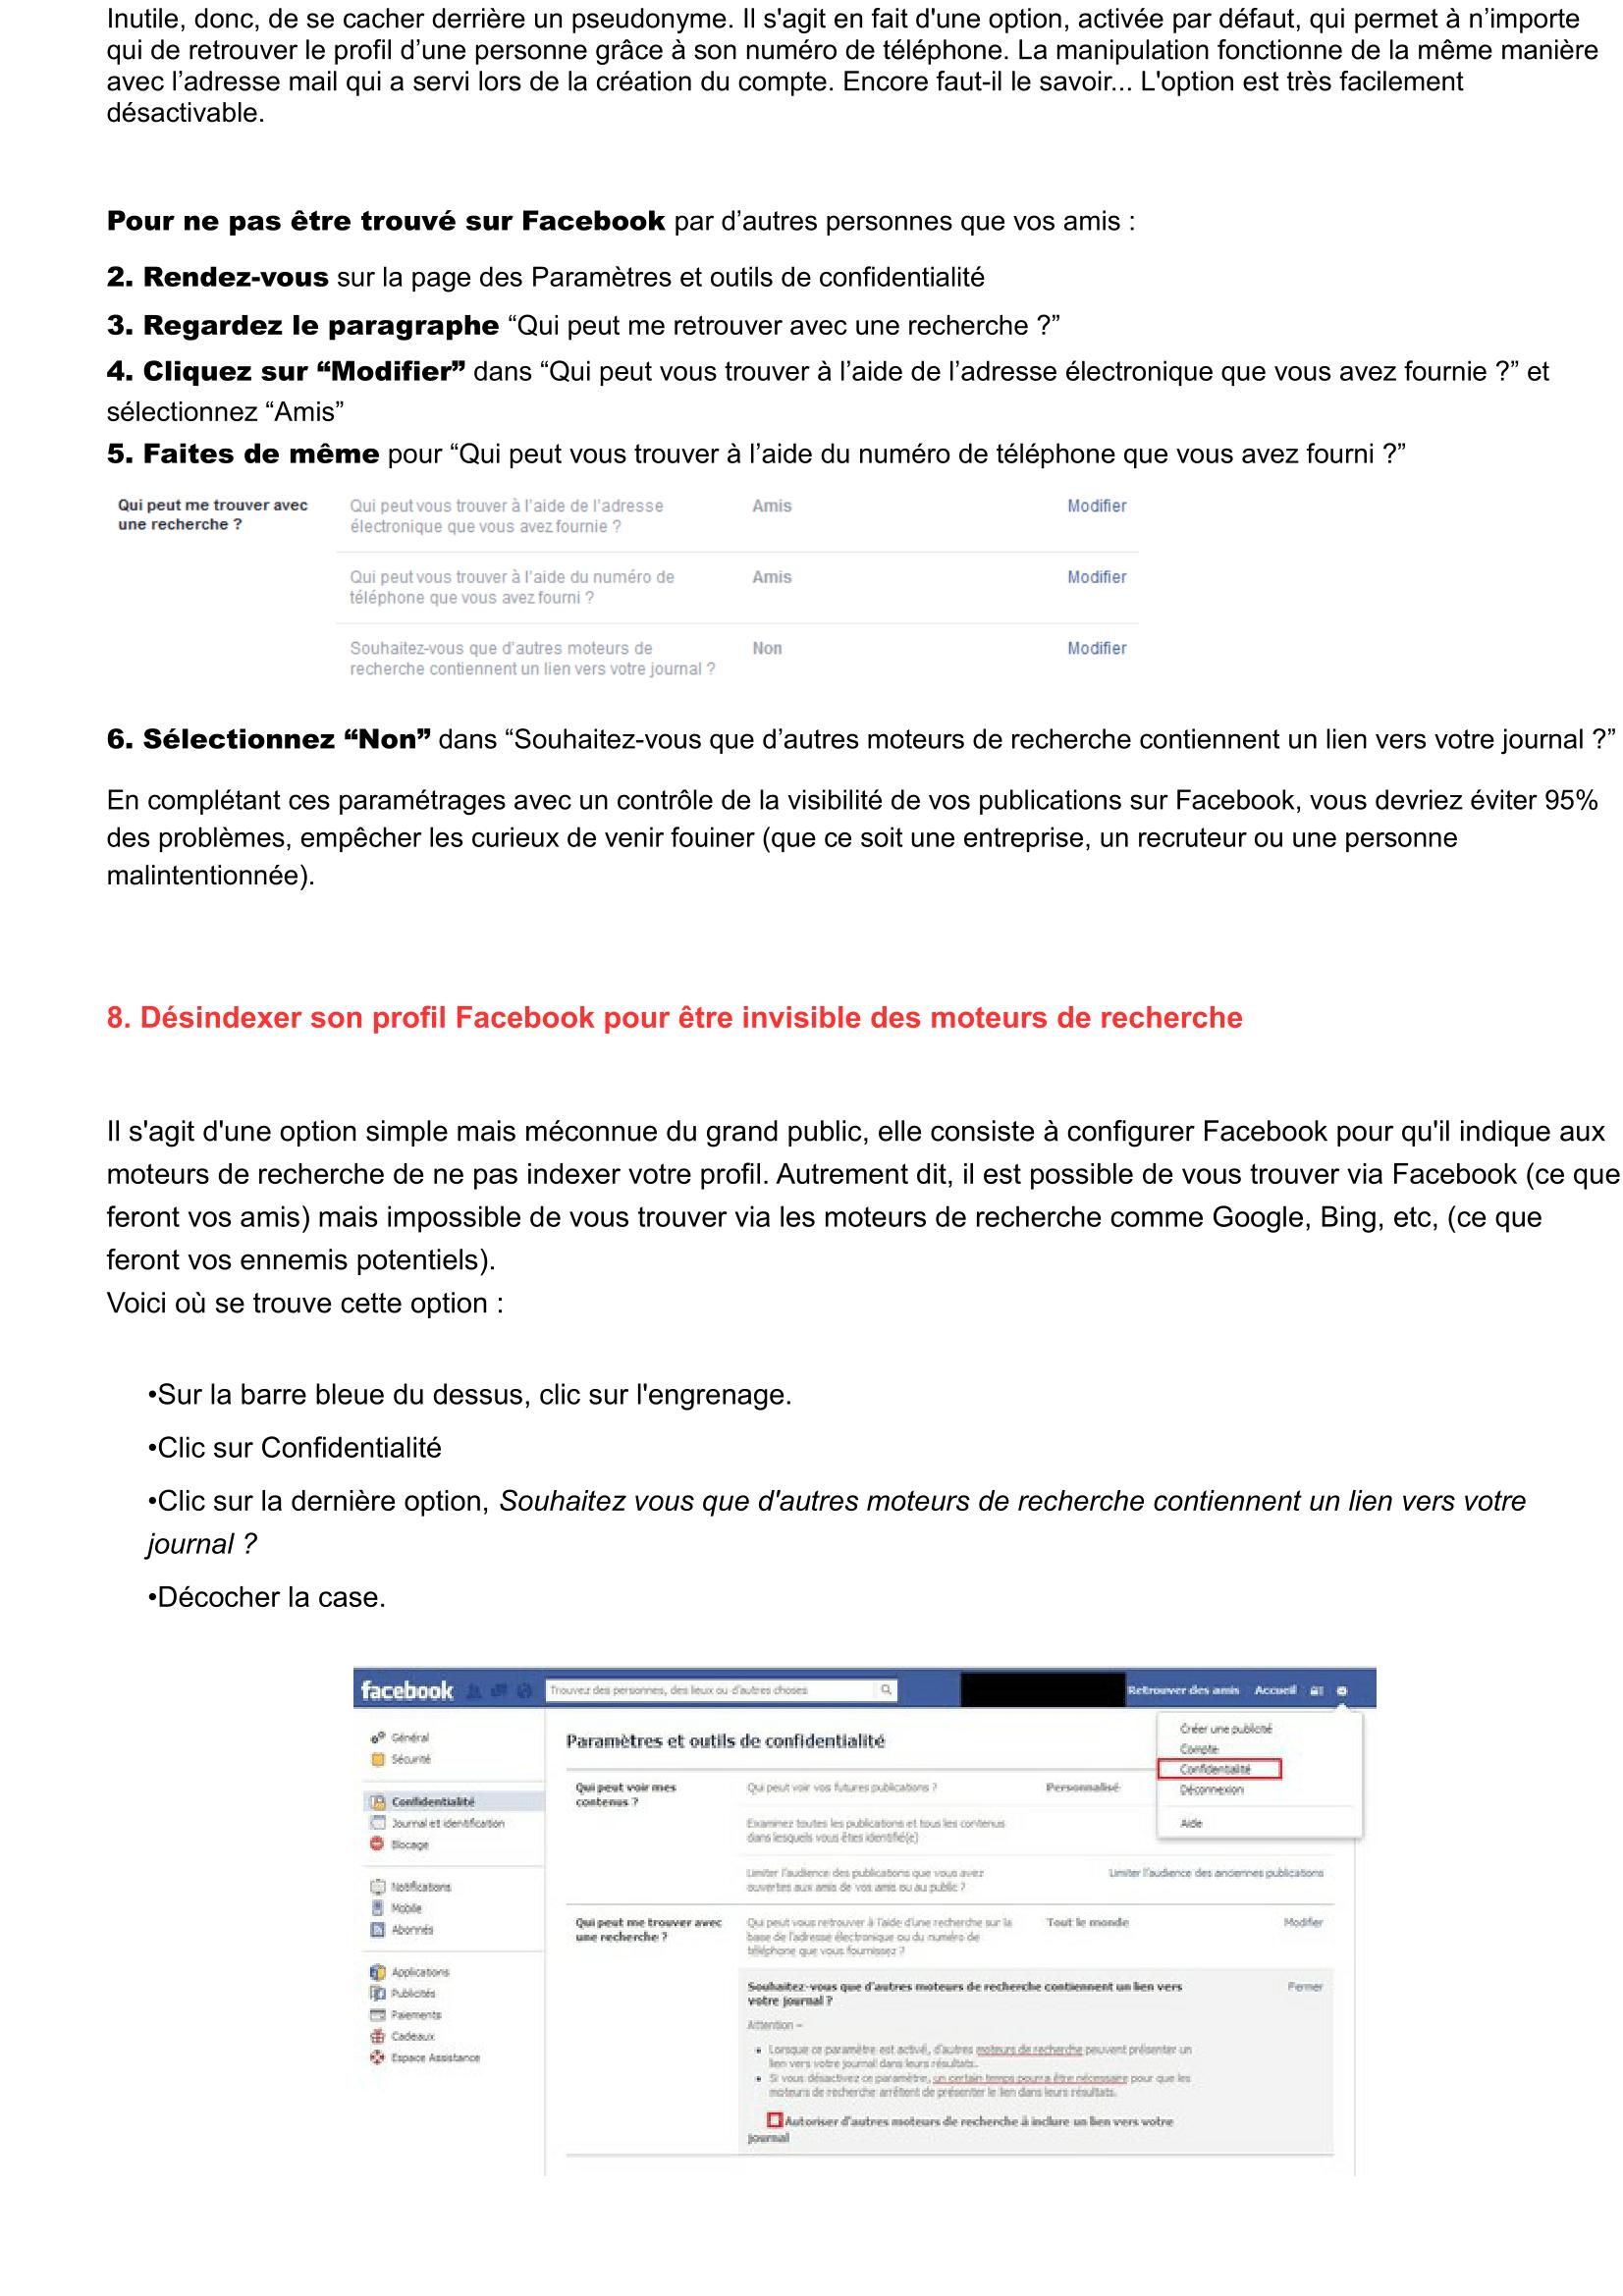 Sécuriser Facebook-4